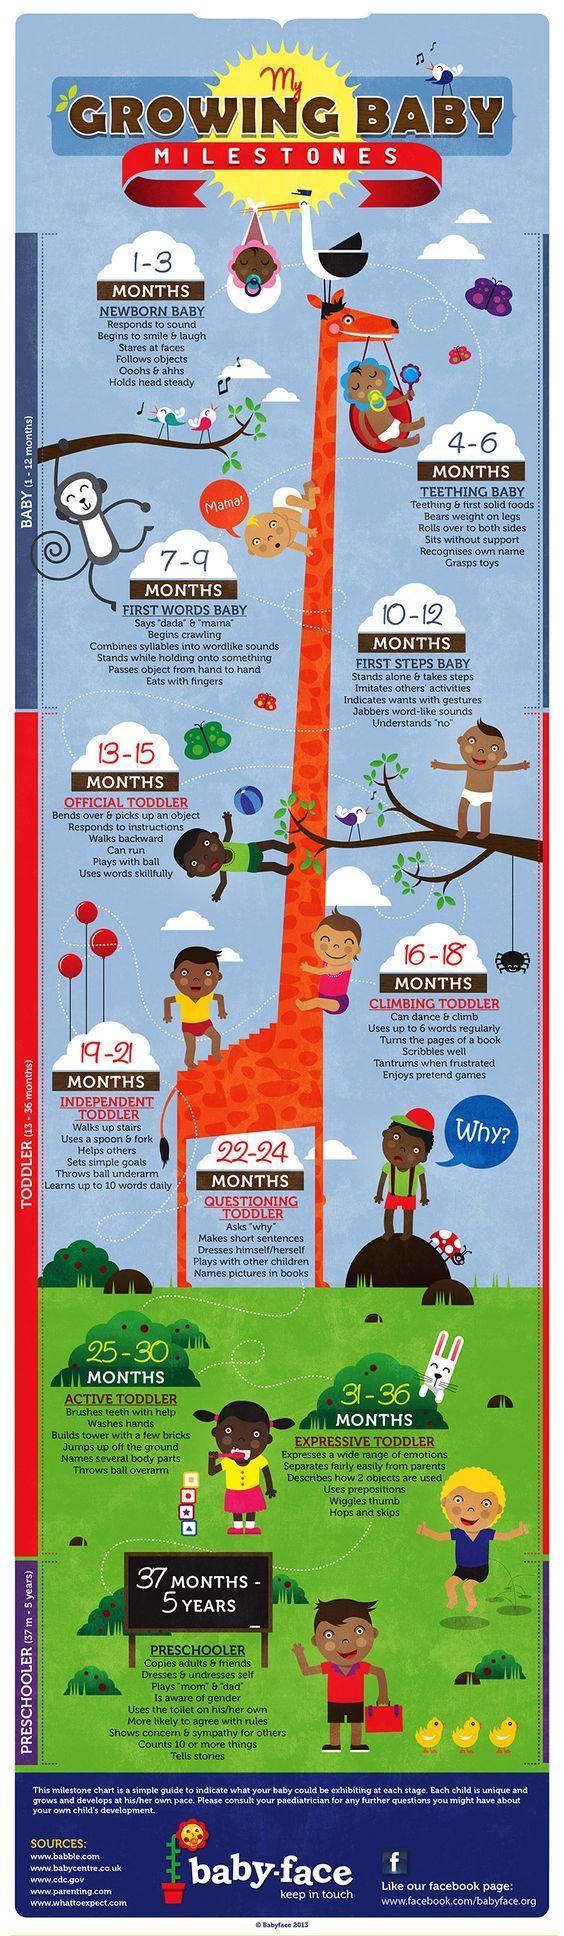 #baby milestones infographic